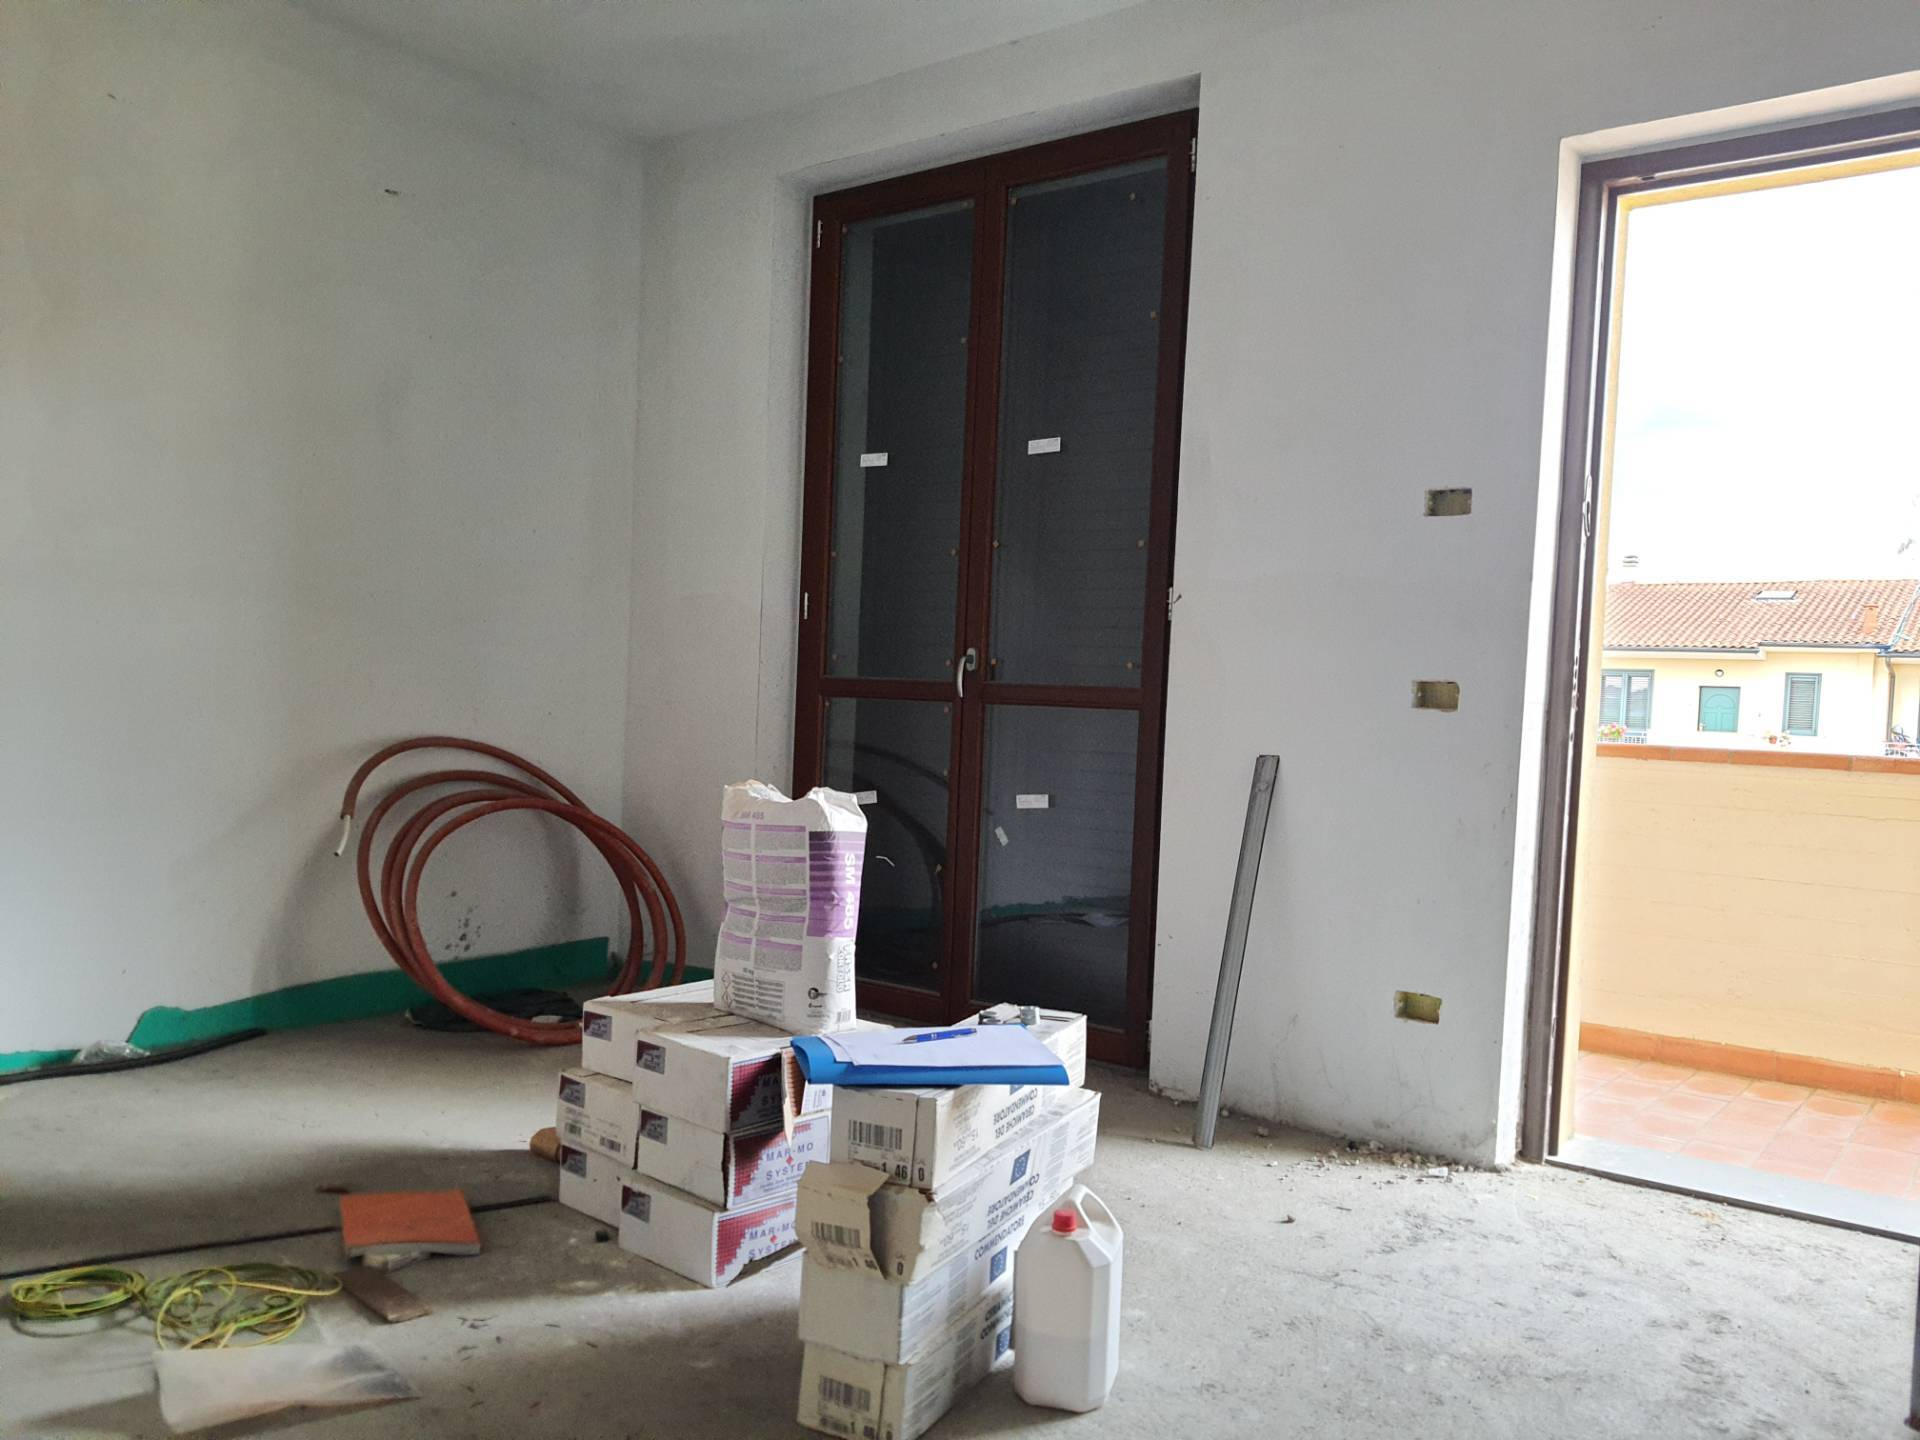 Appartamento in vendita a Santa Croce sull'Arno, 3 locali, prezzo € 158.000 | PortaleAgenzieImmobiliari.it